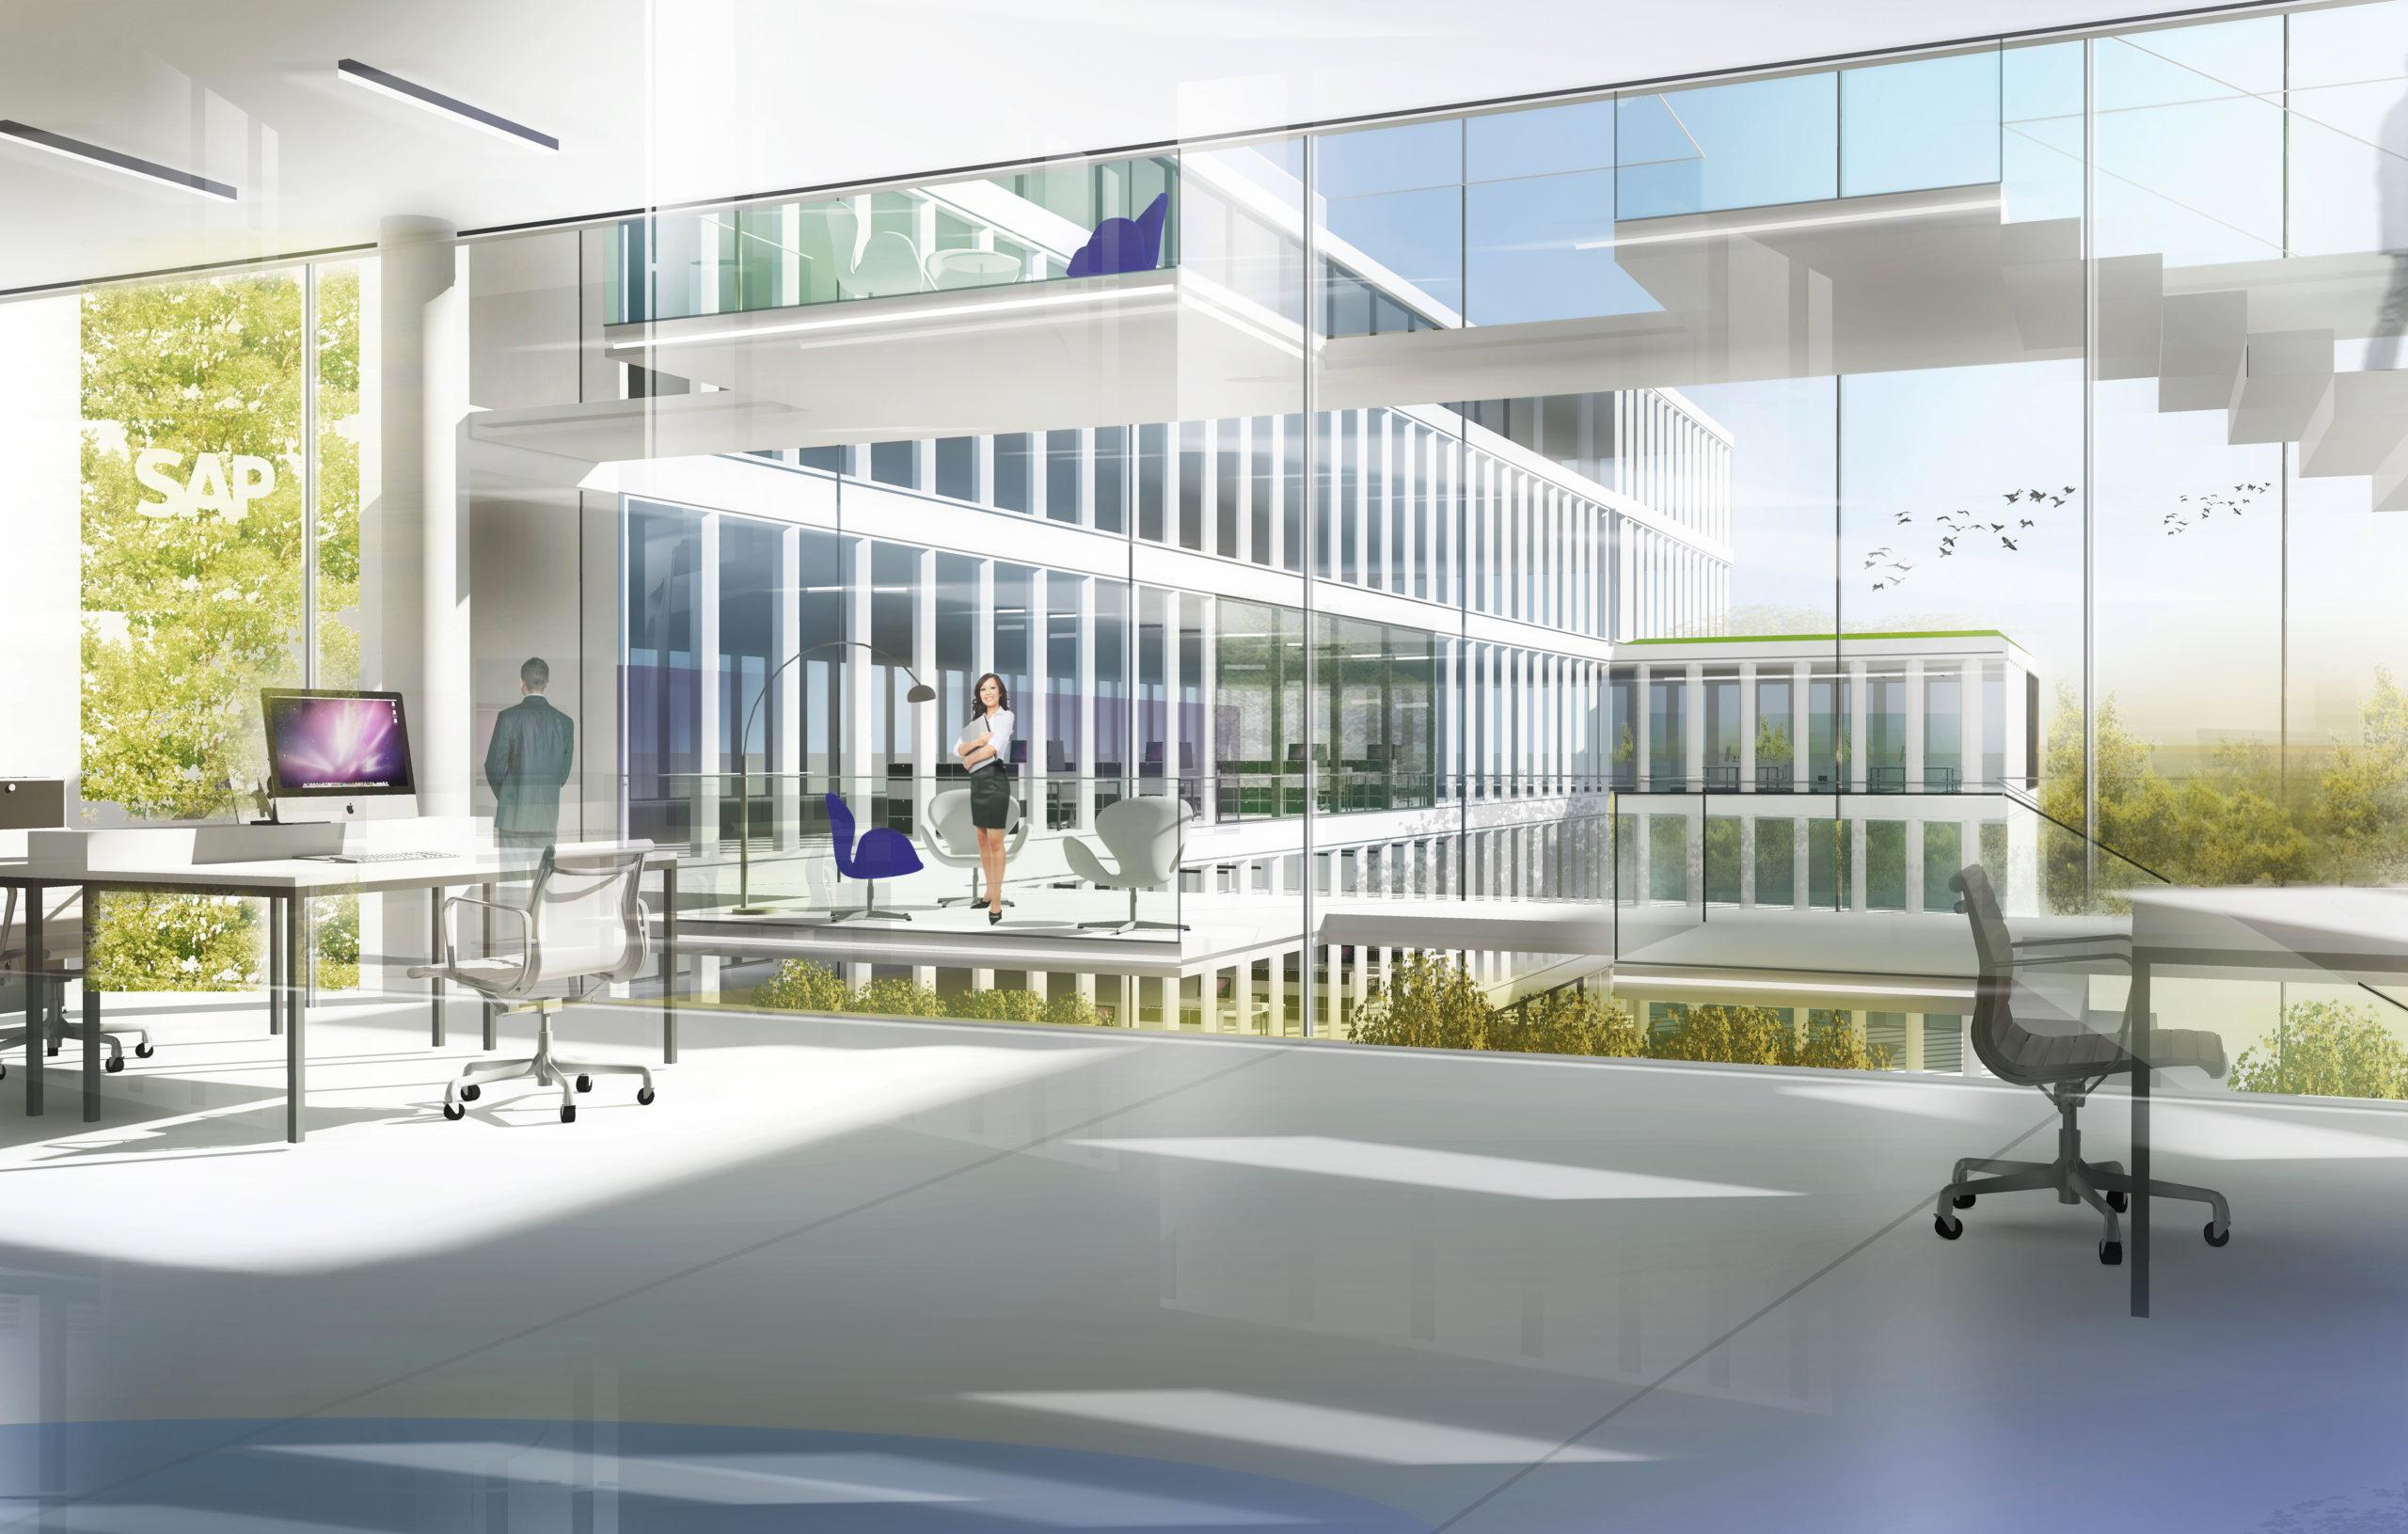 Innenraumperspektive Wettbewerb Firmenzentrale SAP in Walldorf von Bitsch+Bienstein Architekten